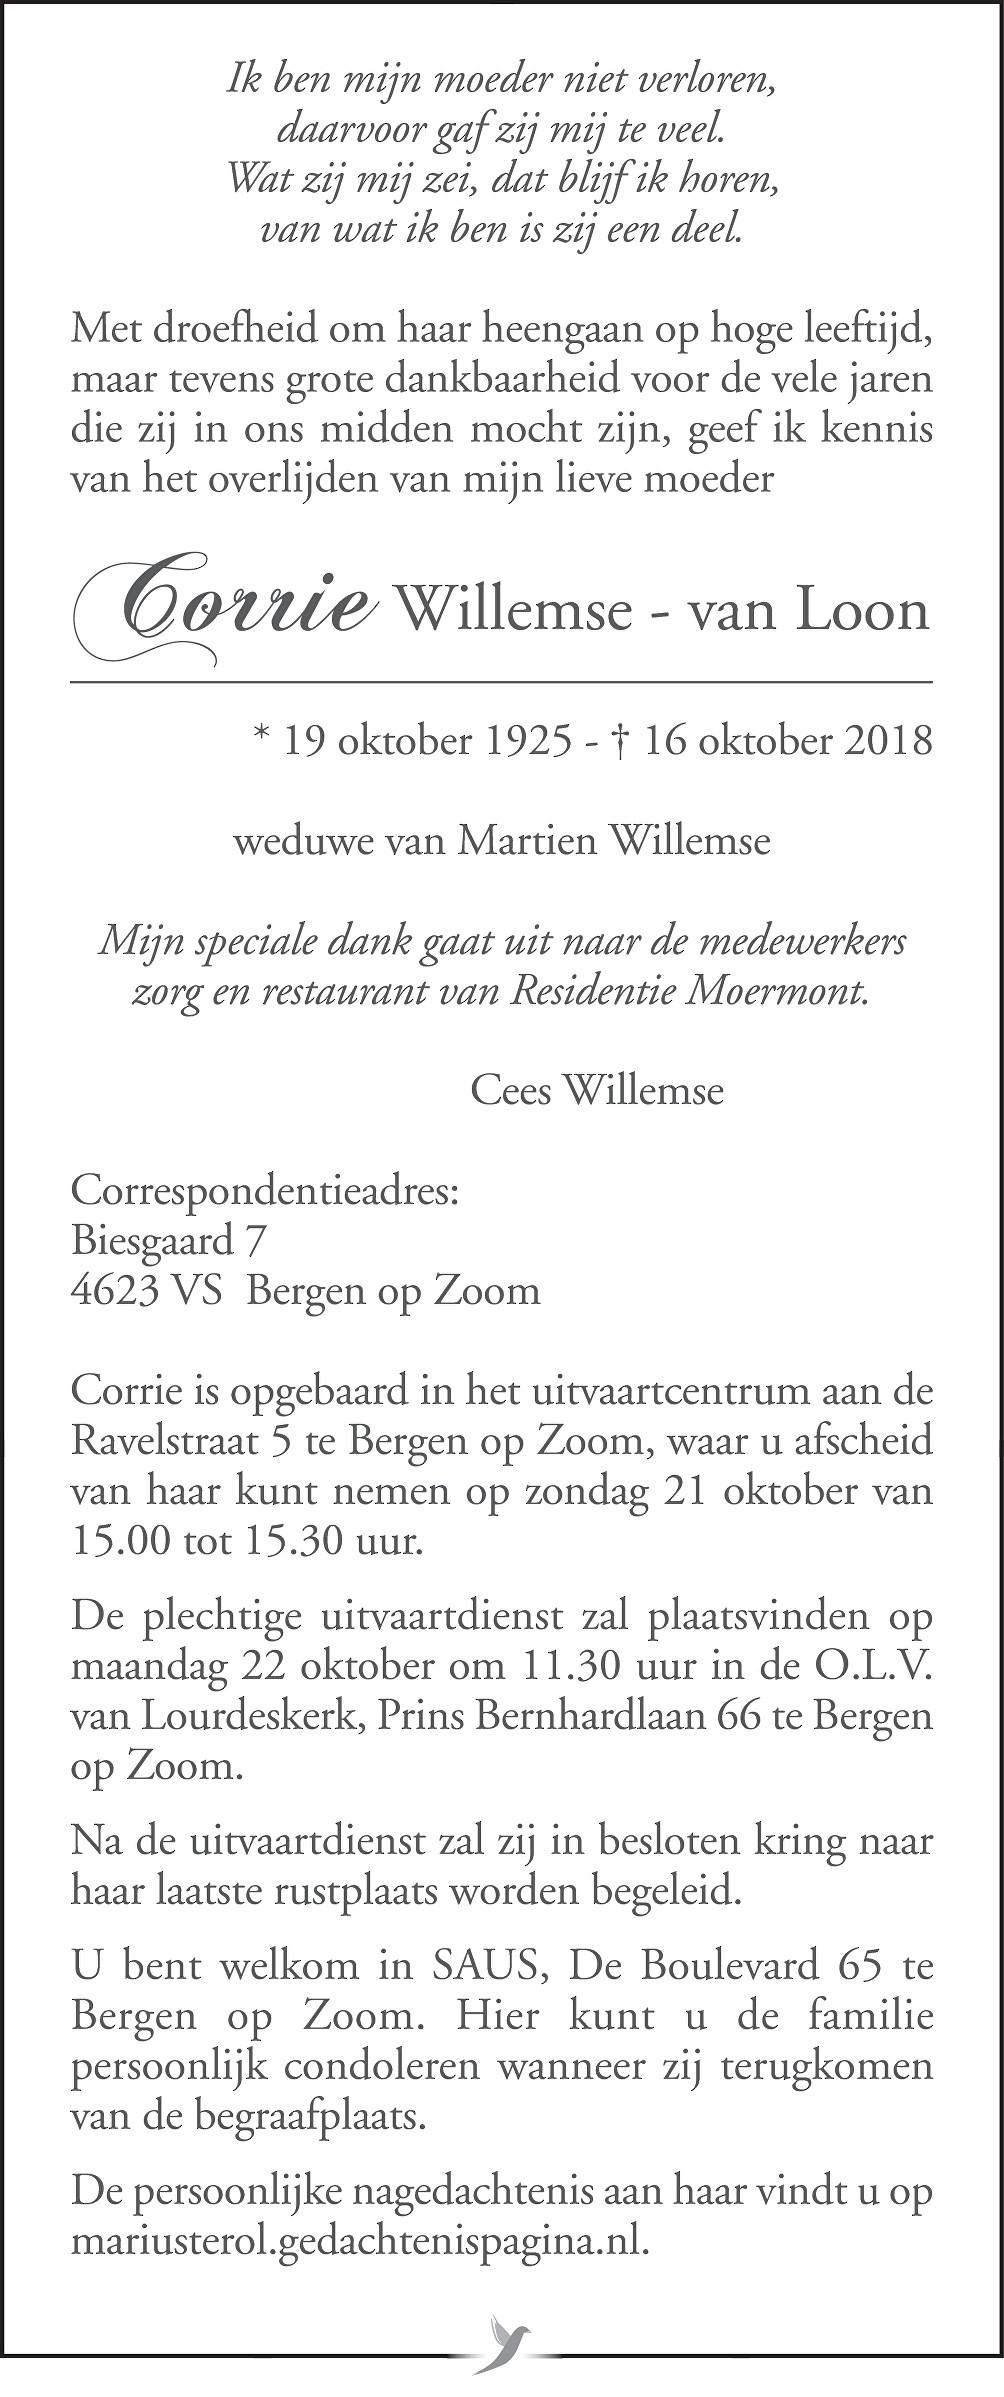 Corrie Willemse - van Loon Death notice